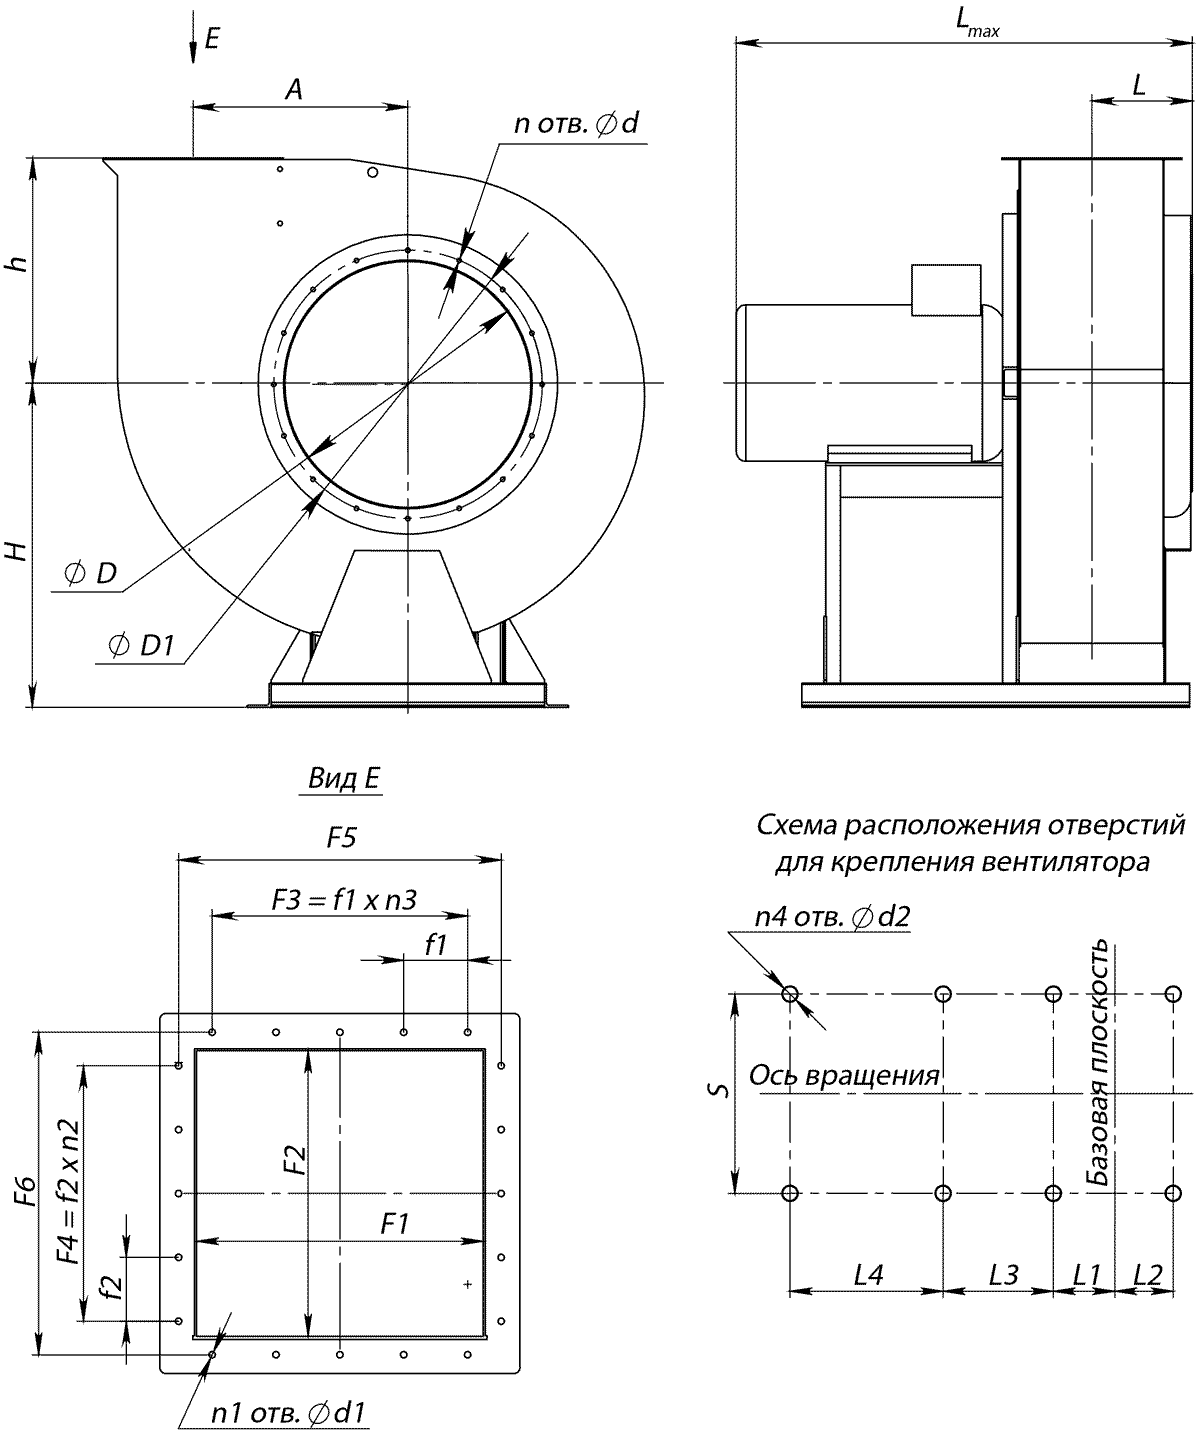 Габаритно-присоединительные размеры вентилятора ВР 80-75-4 исполнение 1